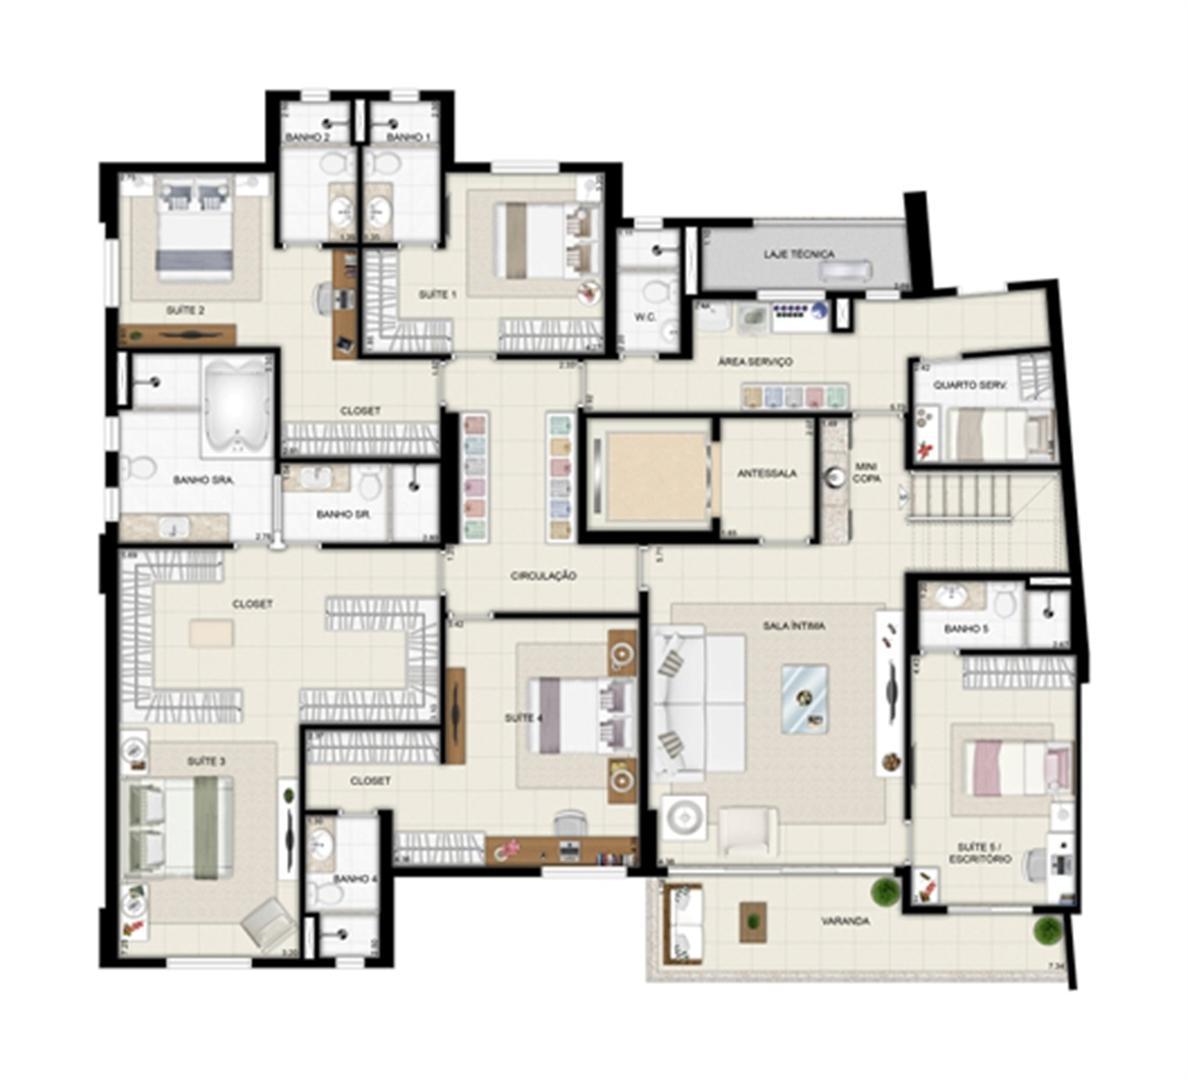 Planta duplex inferior - Torre Parc - Final 01 461 m² | Chateau Marista LifeStyle – Apartamento no  Setor Marista - Goiânia - Goiás